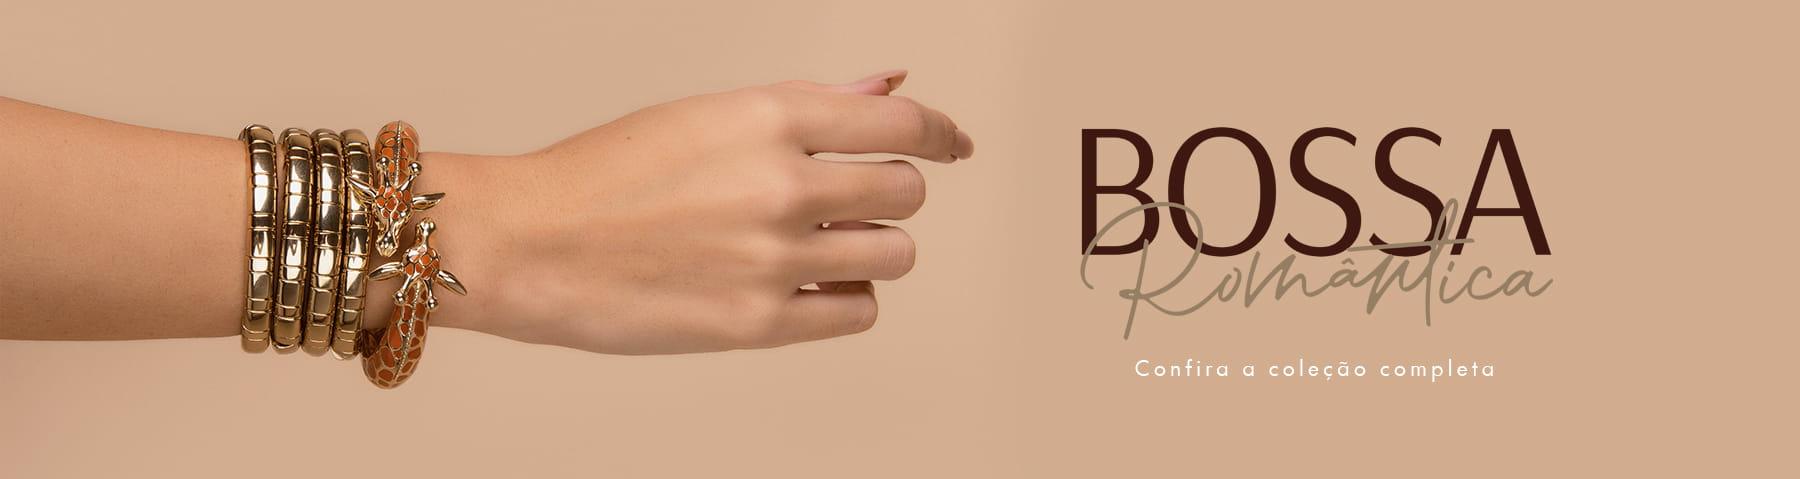 Somos uma das maiores marcas para revenda do setor de joias em prata, aço e folheadas no sul do país.